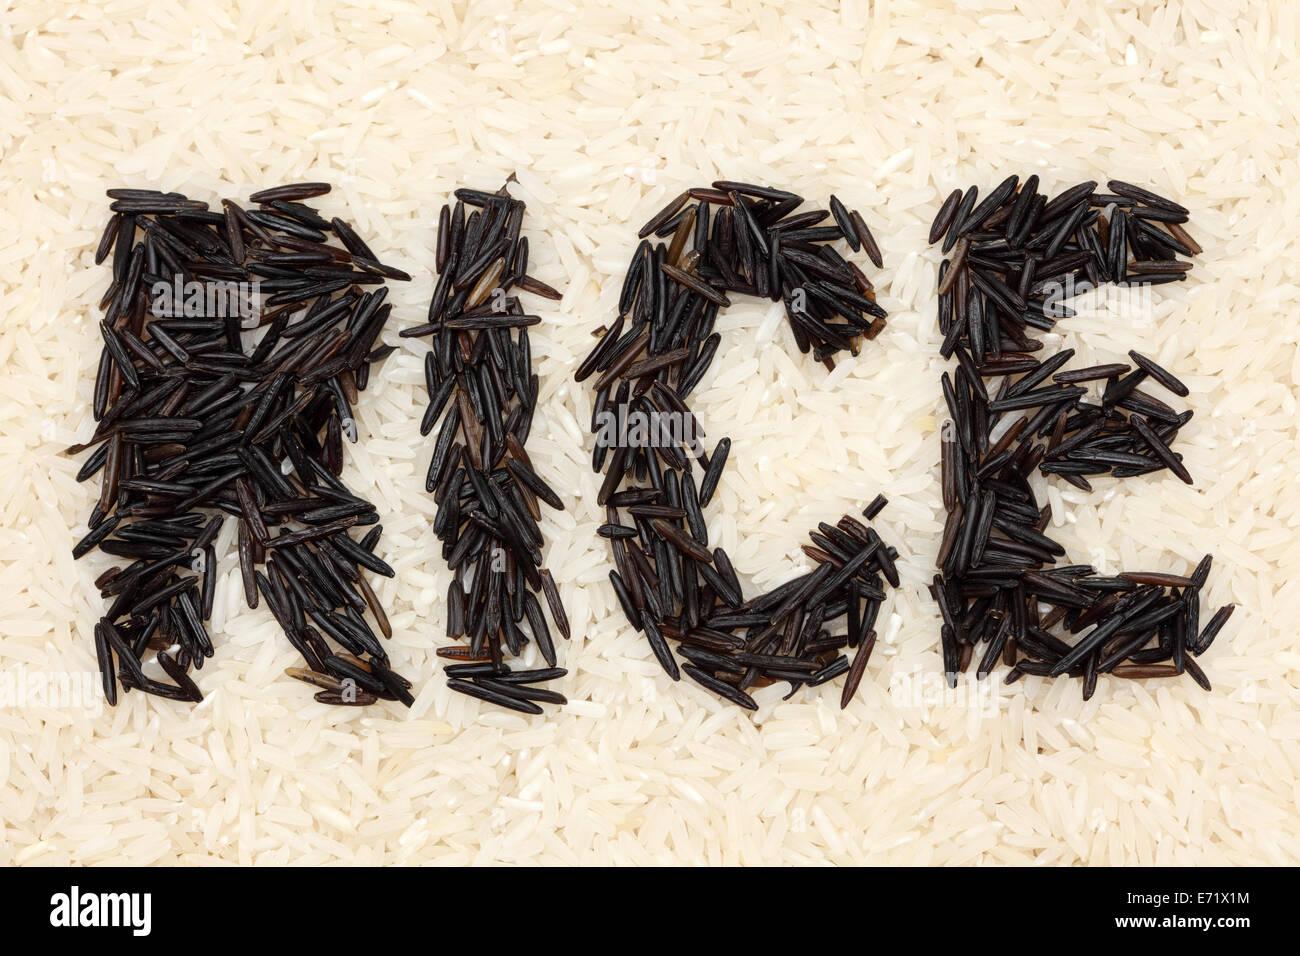 """La parola """"riso"""" scritto con riso selvatico su un riso in bianco sullo sfondo. Primo piano. Immagini Stock"""